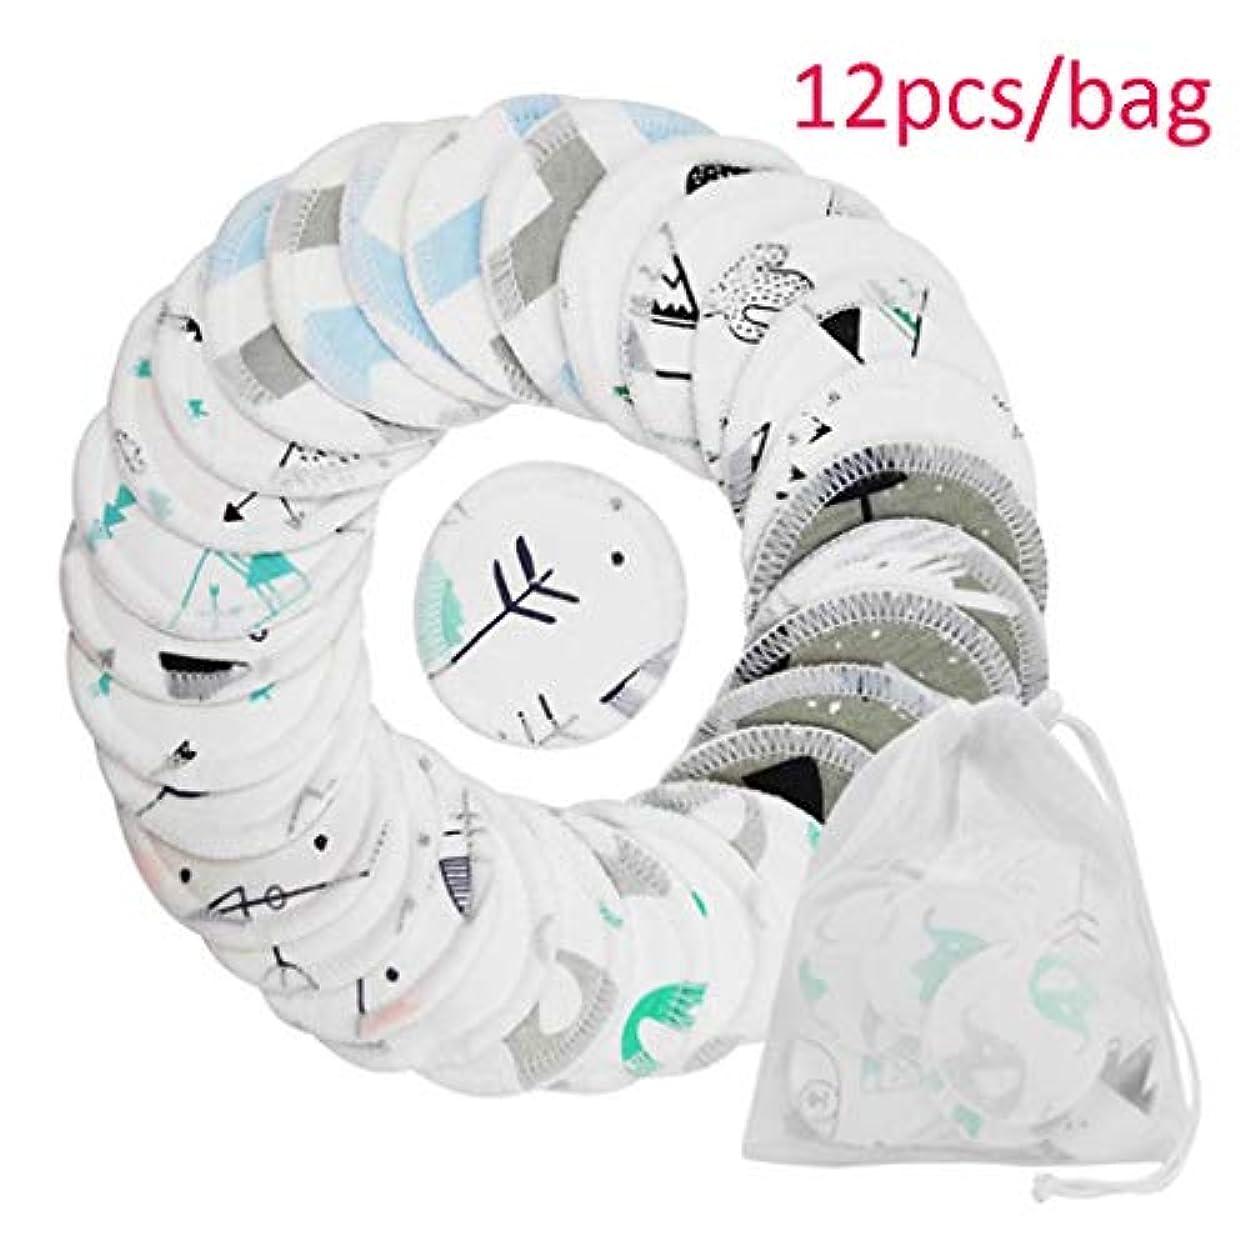 もっと少なく吸収する祝福クレンジングシート 再利用可能な洗濯布パッド3層洗える綿ソフトメイクアップリムーバー布用女性の女の子化粧道具 (Color : White, サイズ : A(12pcs/bag))